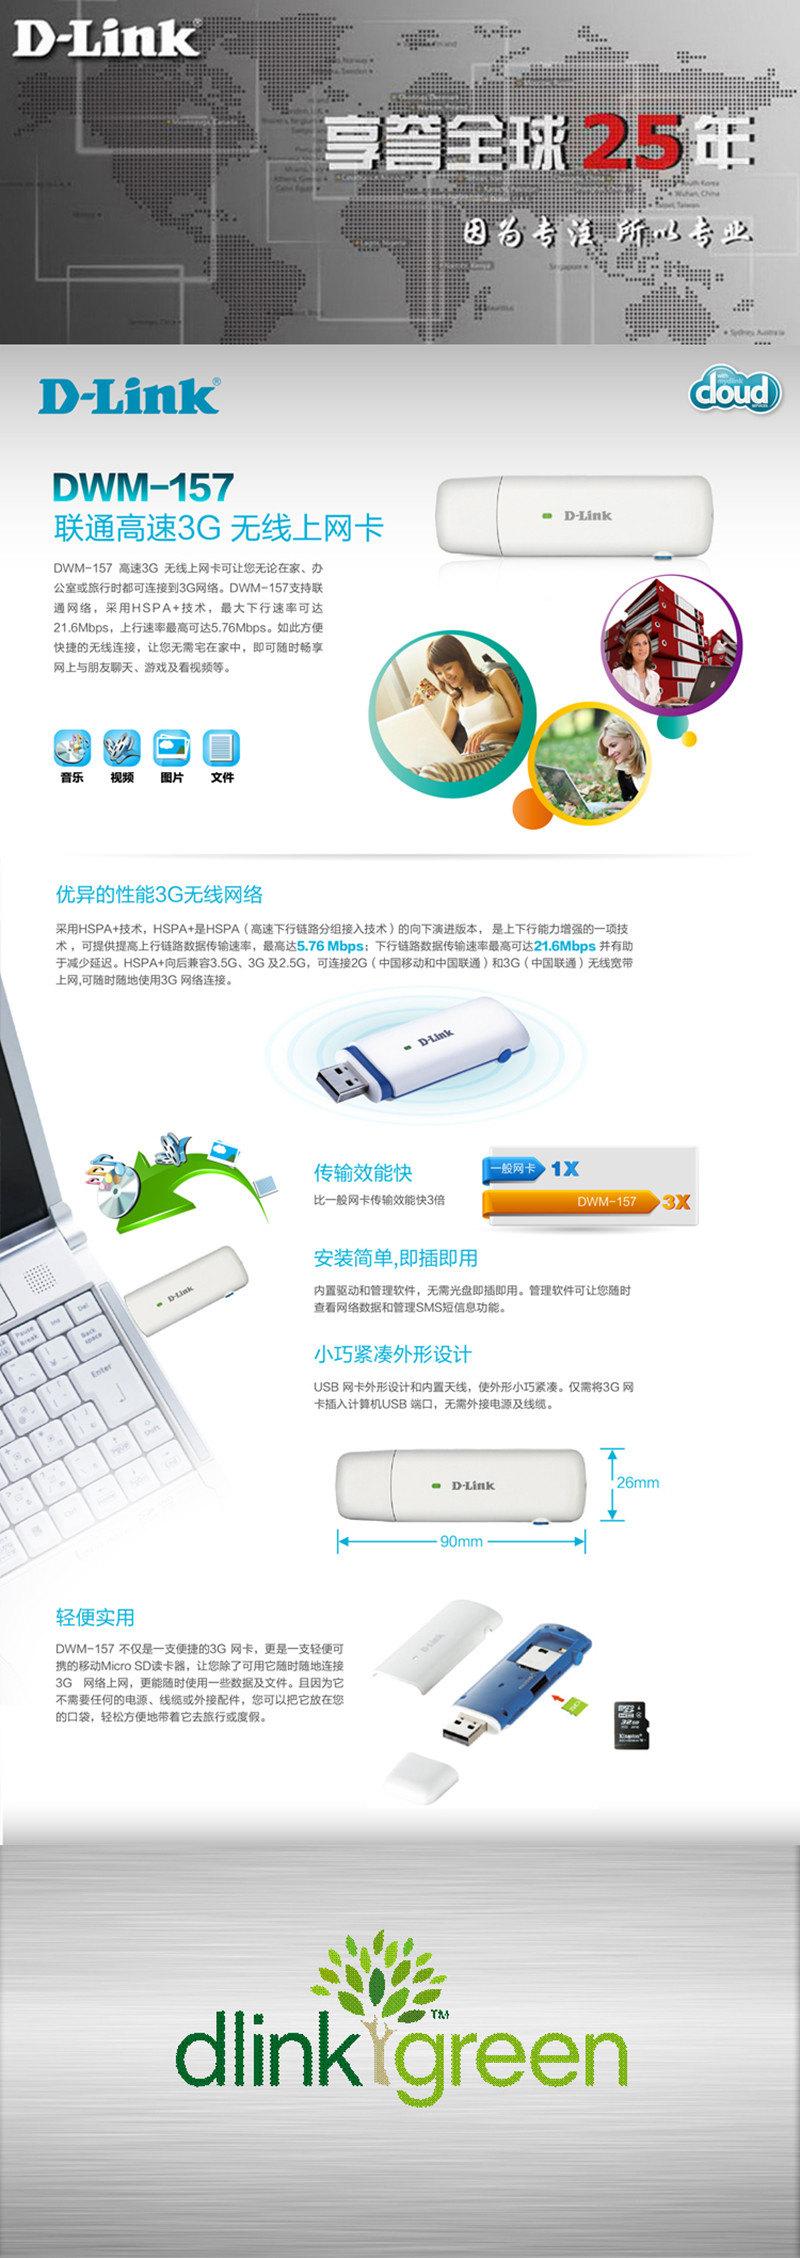 积分奖励-d-link 高速3g无线网卡- 携程旅行网